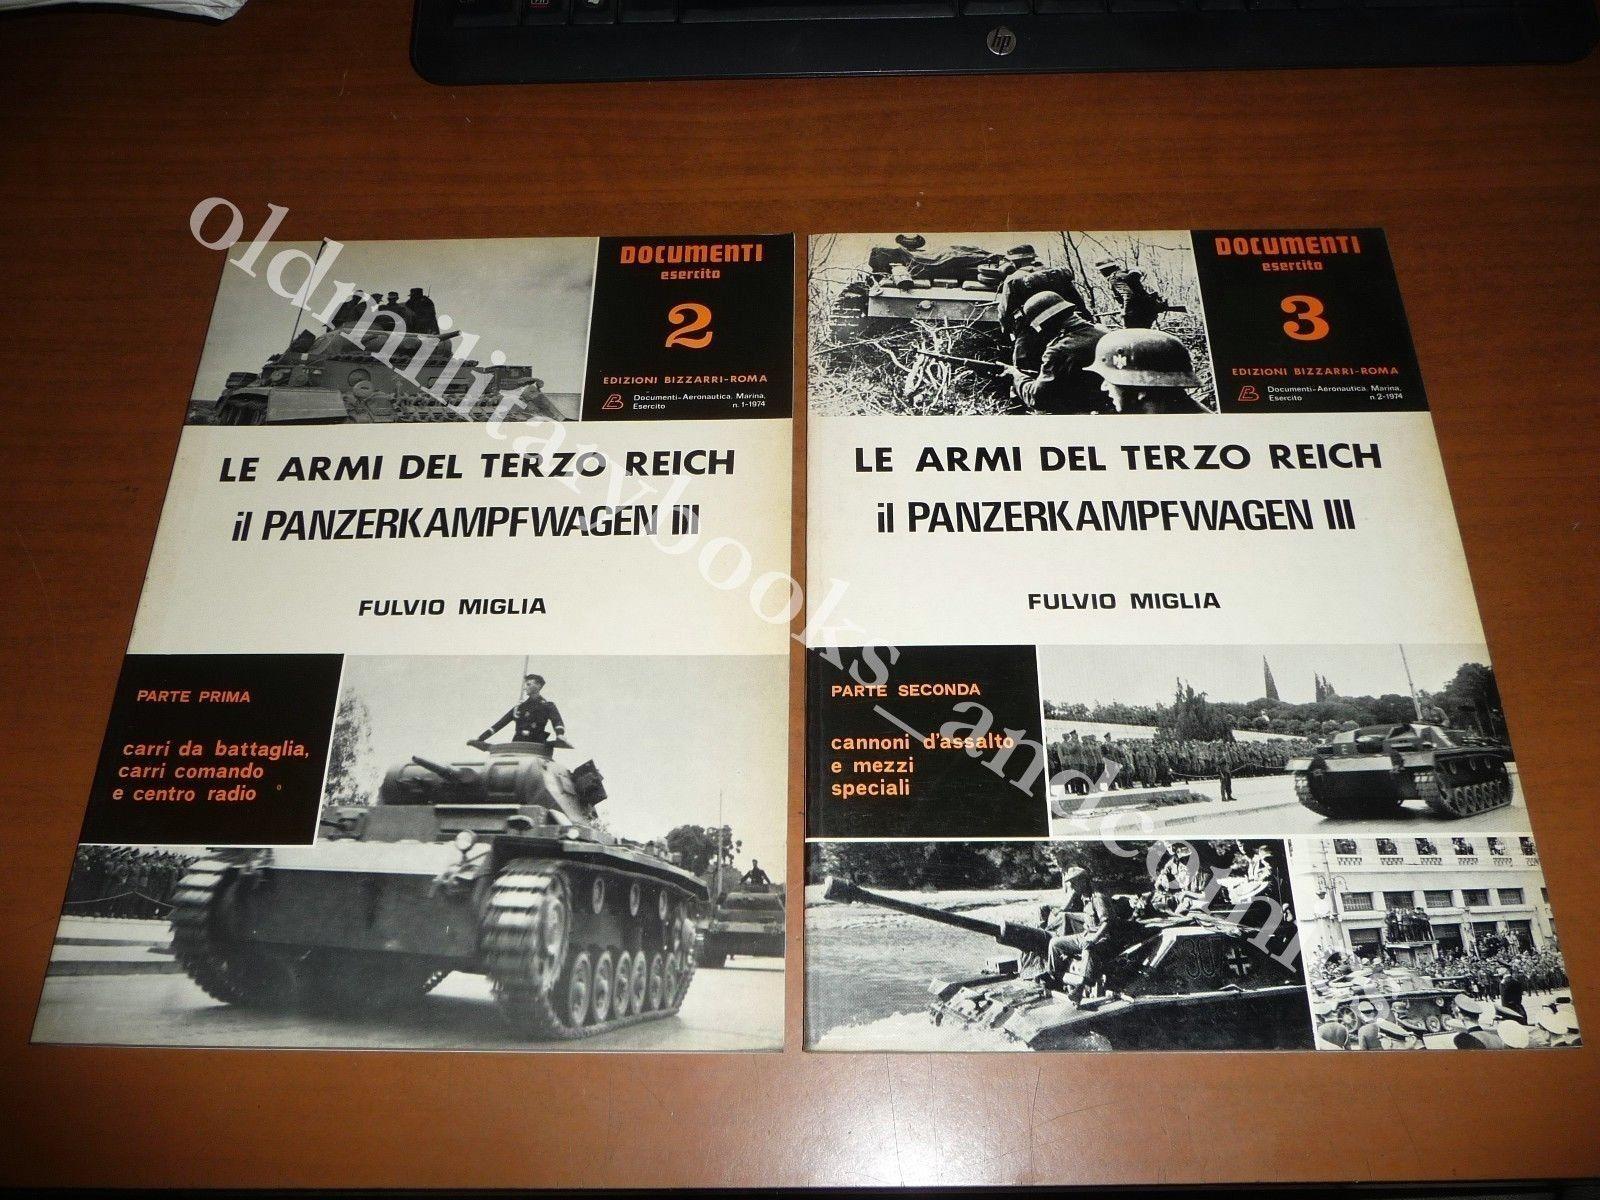 LE ARMI DEL TERZO REICH PANZERKAMPFWAGEN III FULVIO MIGLIA 2 VOLL 1974 CARRI